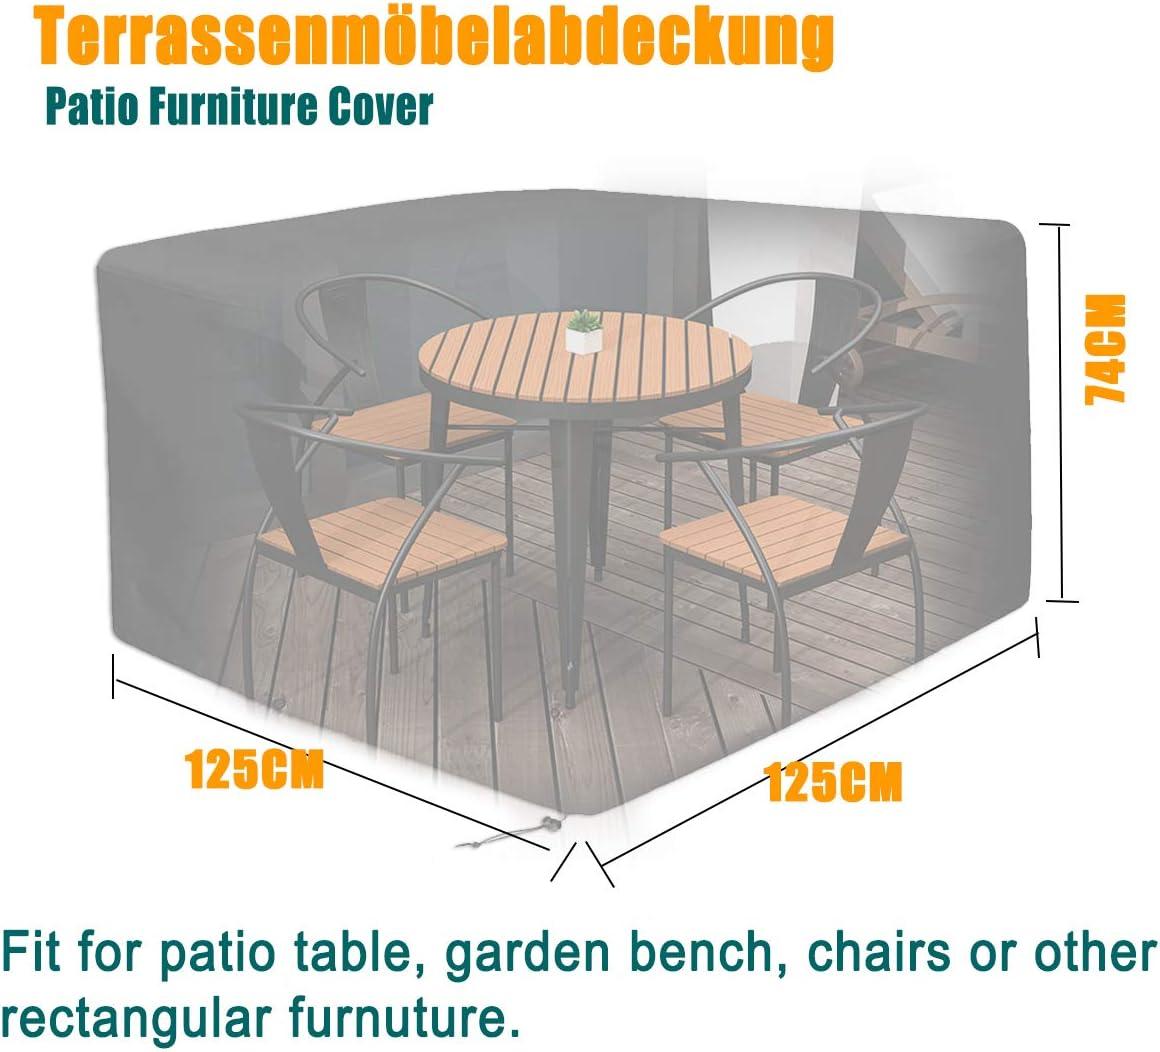 sedute rettangolari - Pratica copertura per i mobili da giardino 125x125x75cm tavoli da giardino e set di mobili Telone eeQiu per mobili da giardino impermeabile 600D Oxford